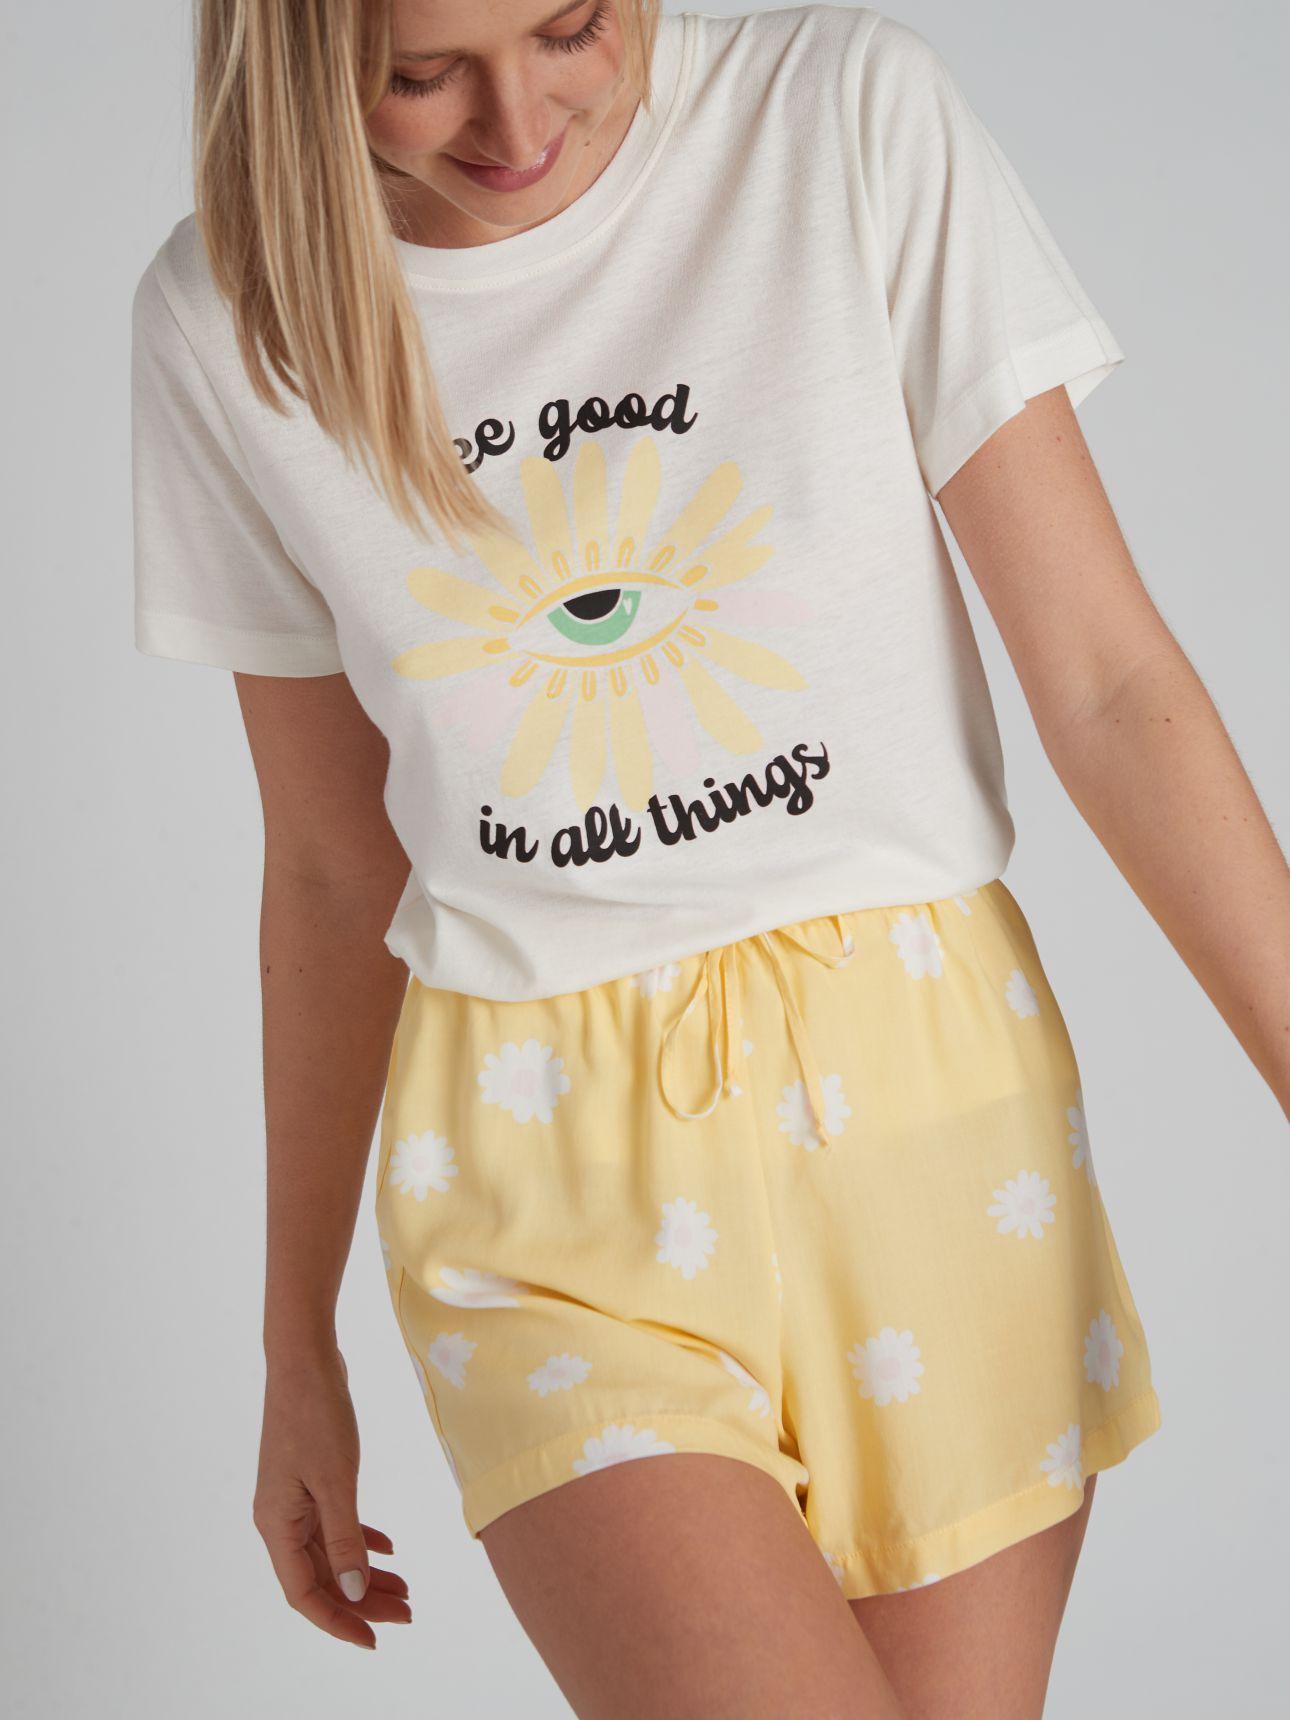 מכנסיים קצרים מודפסים RETRO FUN בצבע צהוב